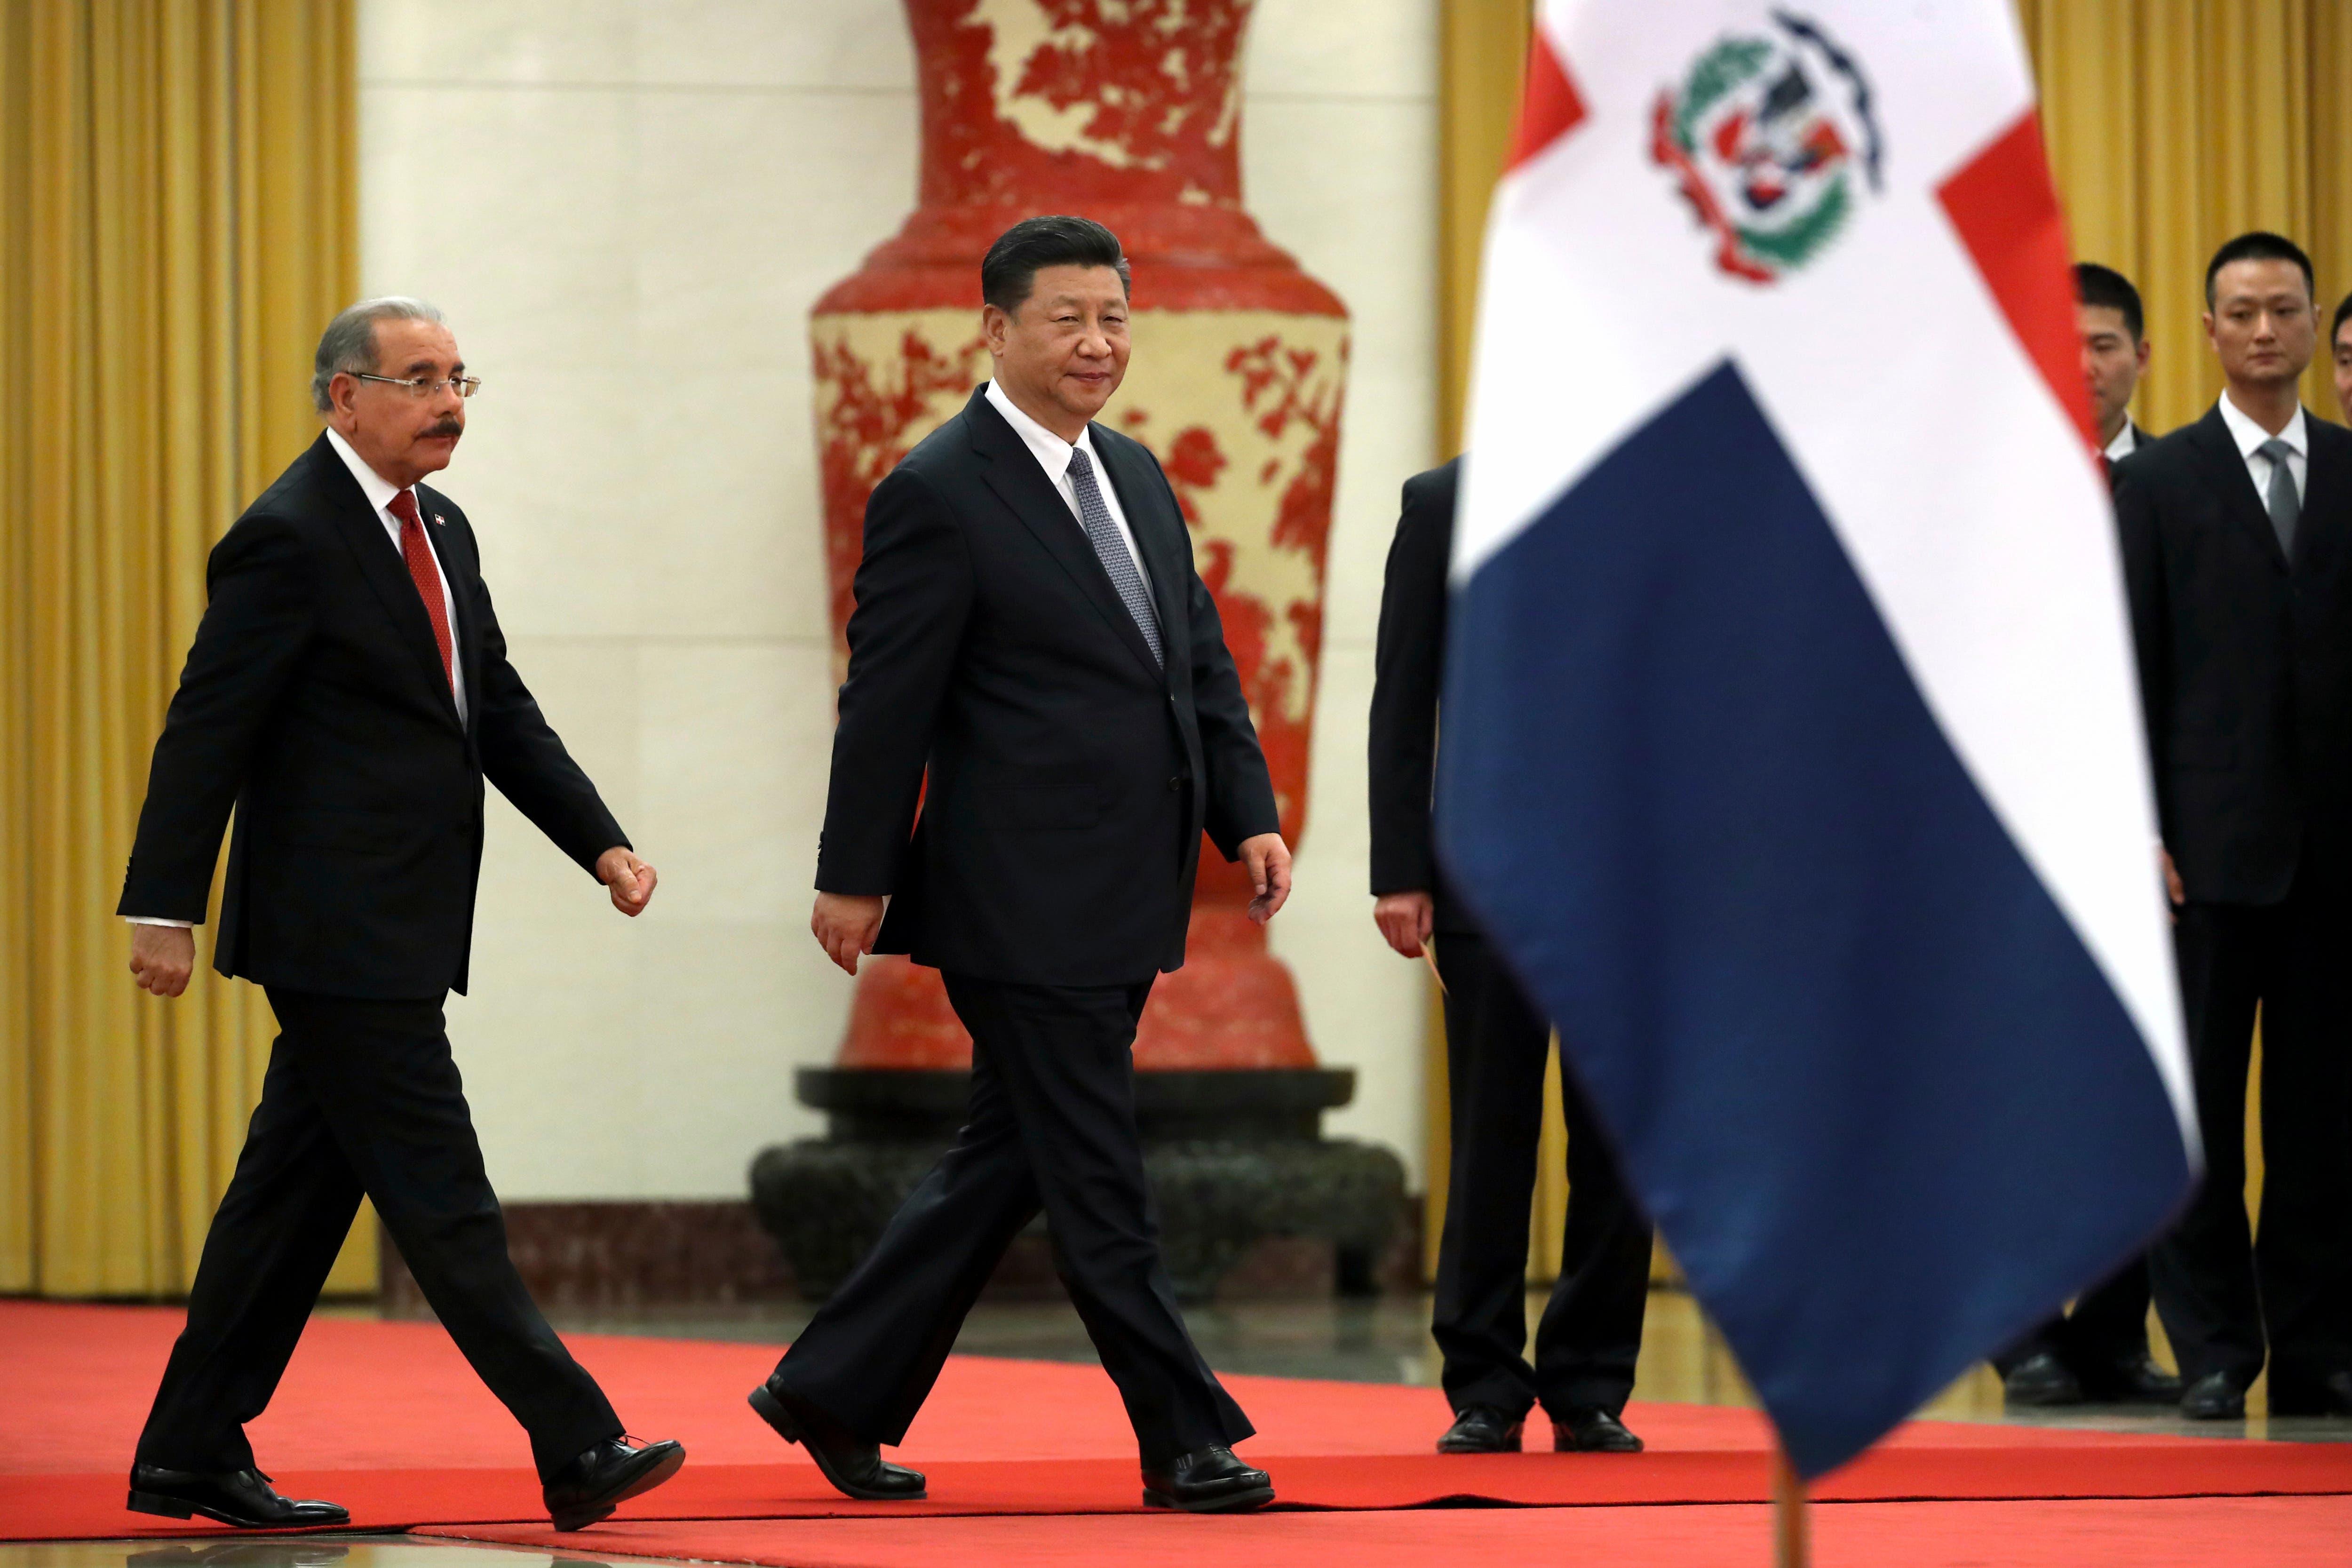 9. El presidente de la República Dominicana, Danilo Medina, a la izquierda, y el presidente de China, Xi Jinping, caminan juntos durante una ceremonia de bienvenida en el Gran Palacio del Pueblo en Beijing,